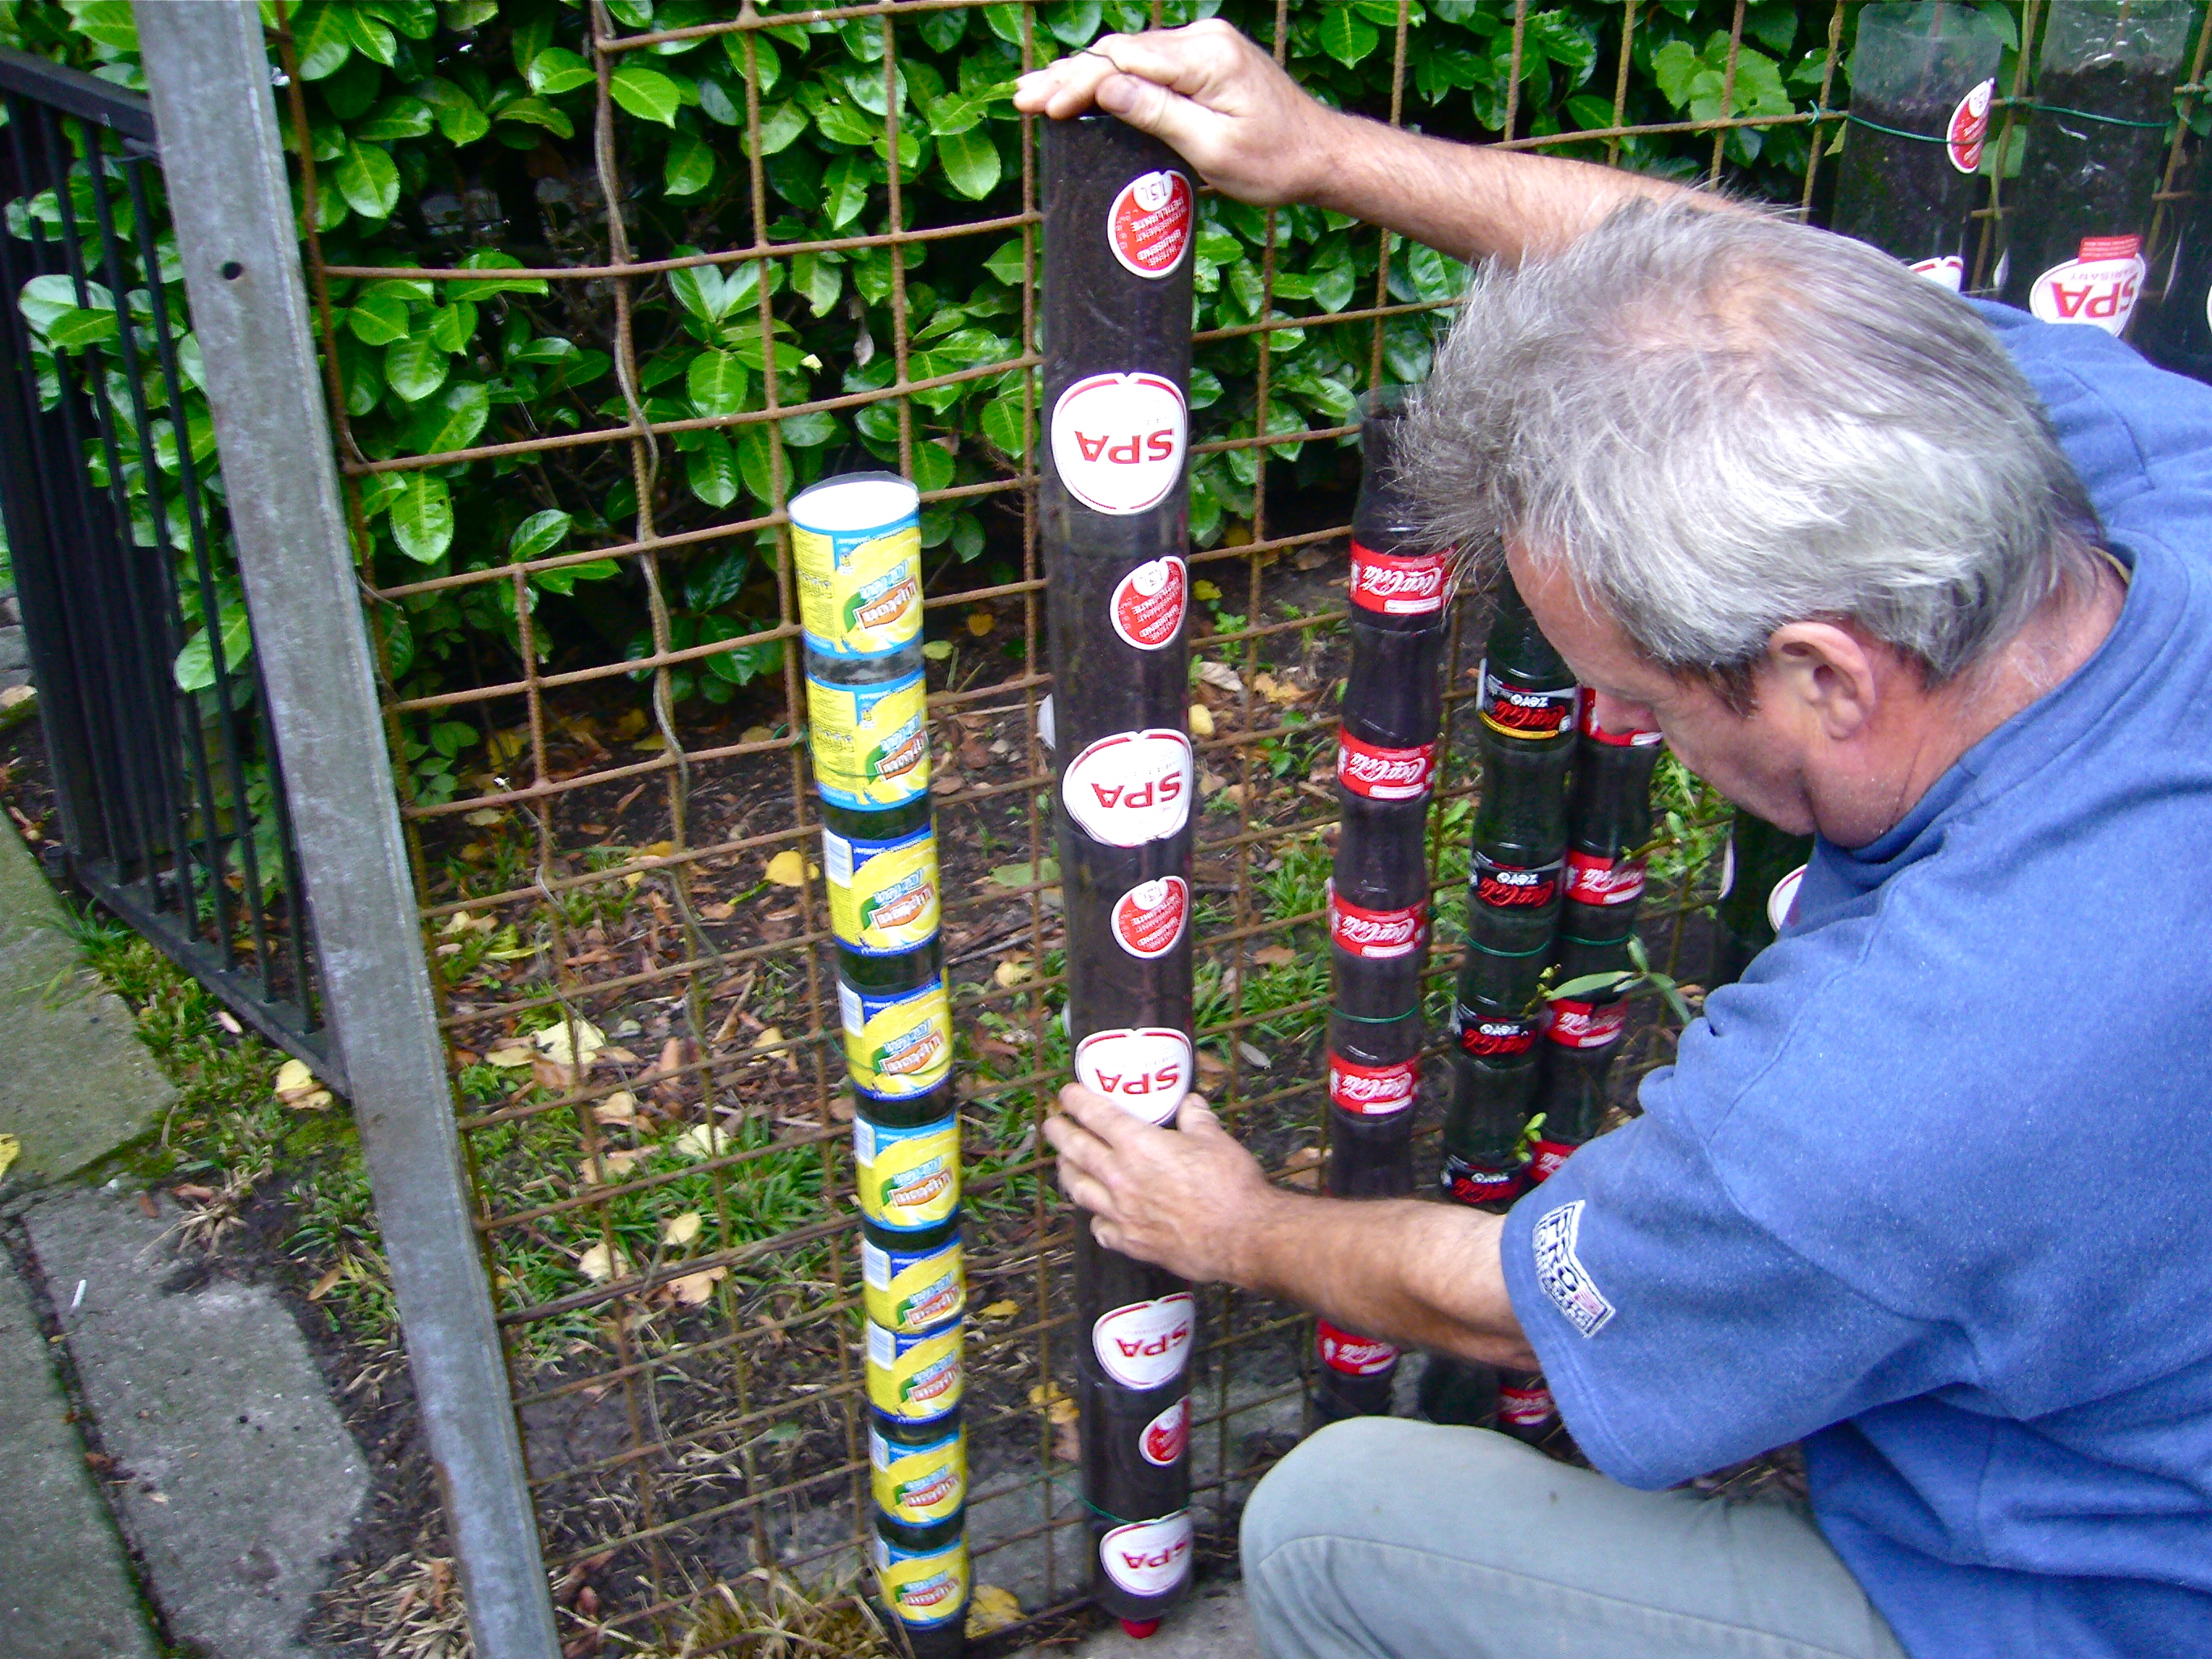 Bottle tower gardening how to start willem van cotthem container gardening - Plastic bottle vertical garden ideas ...